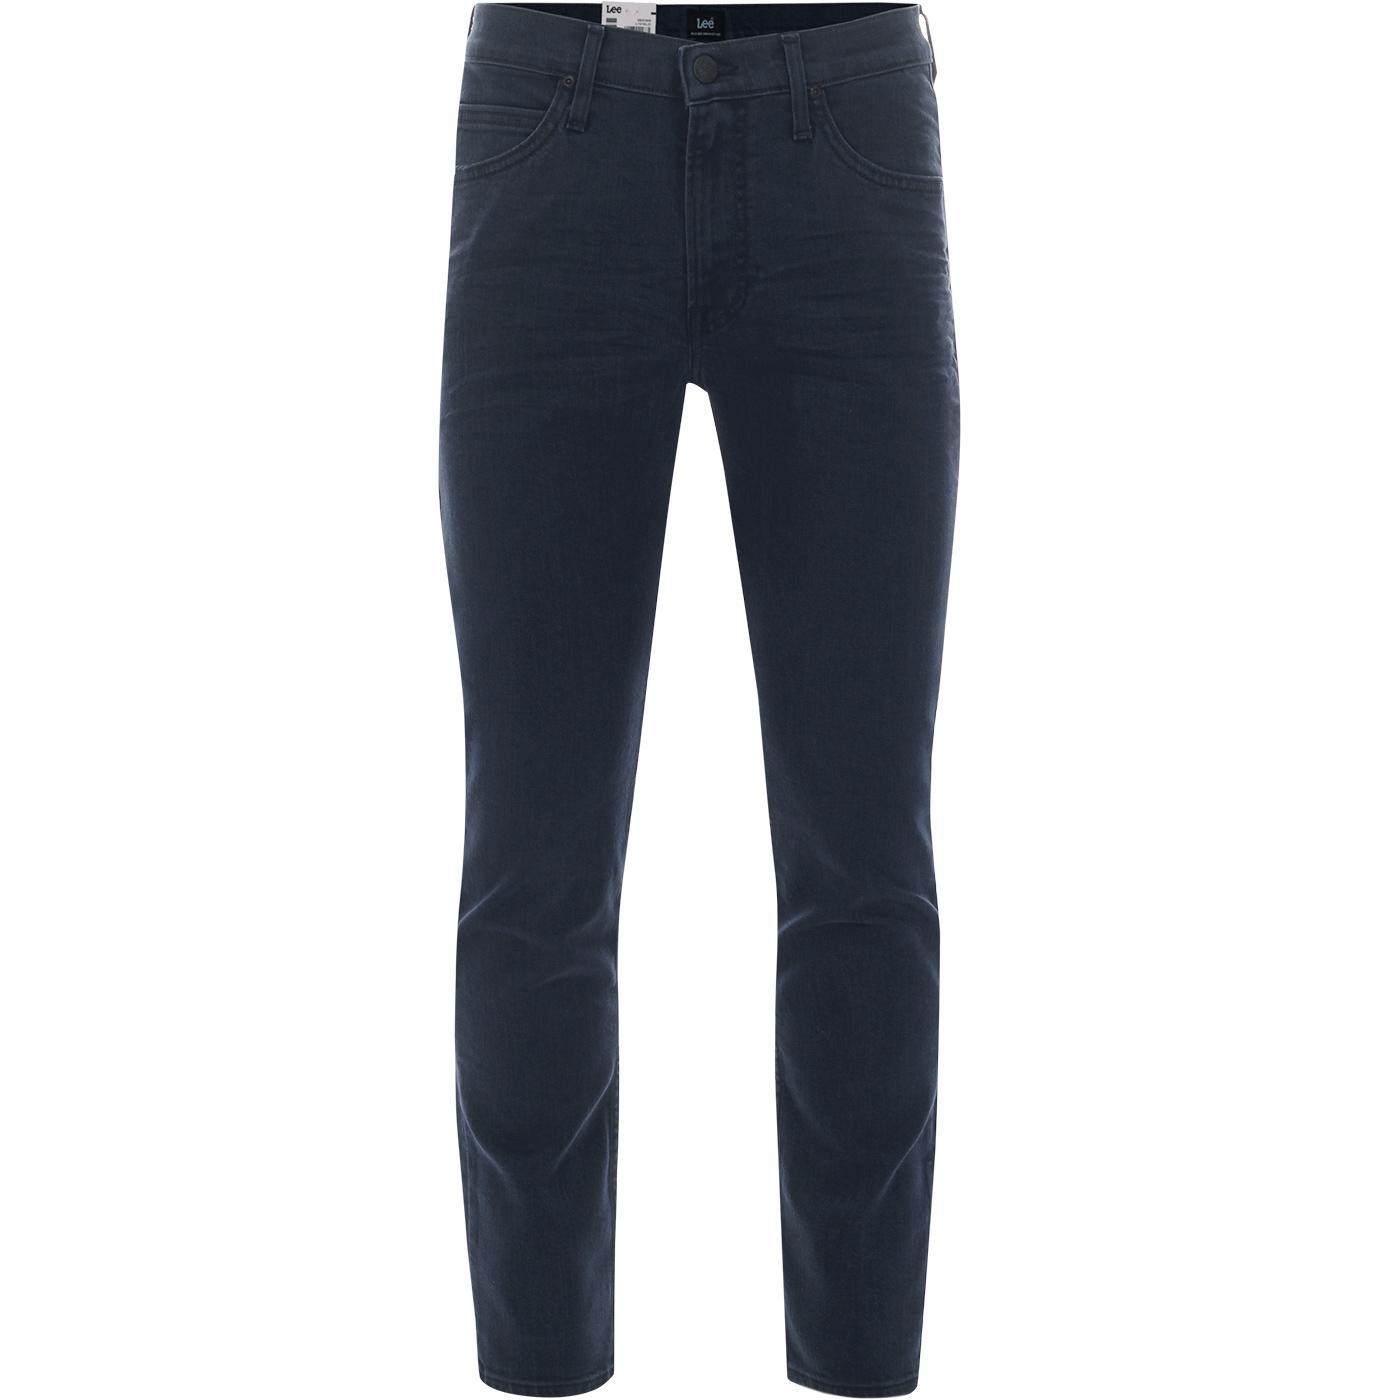 Slim Rider LEE Slim Retro Denim Jeans MISSION WORN